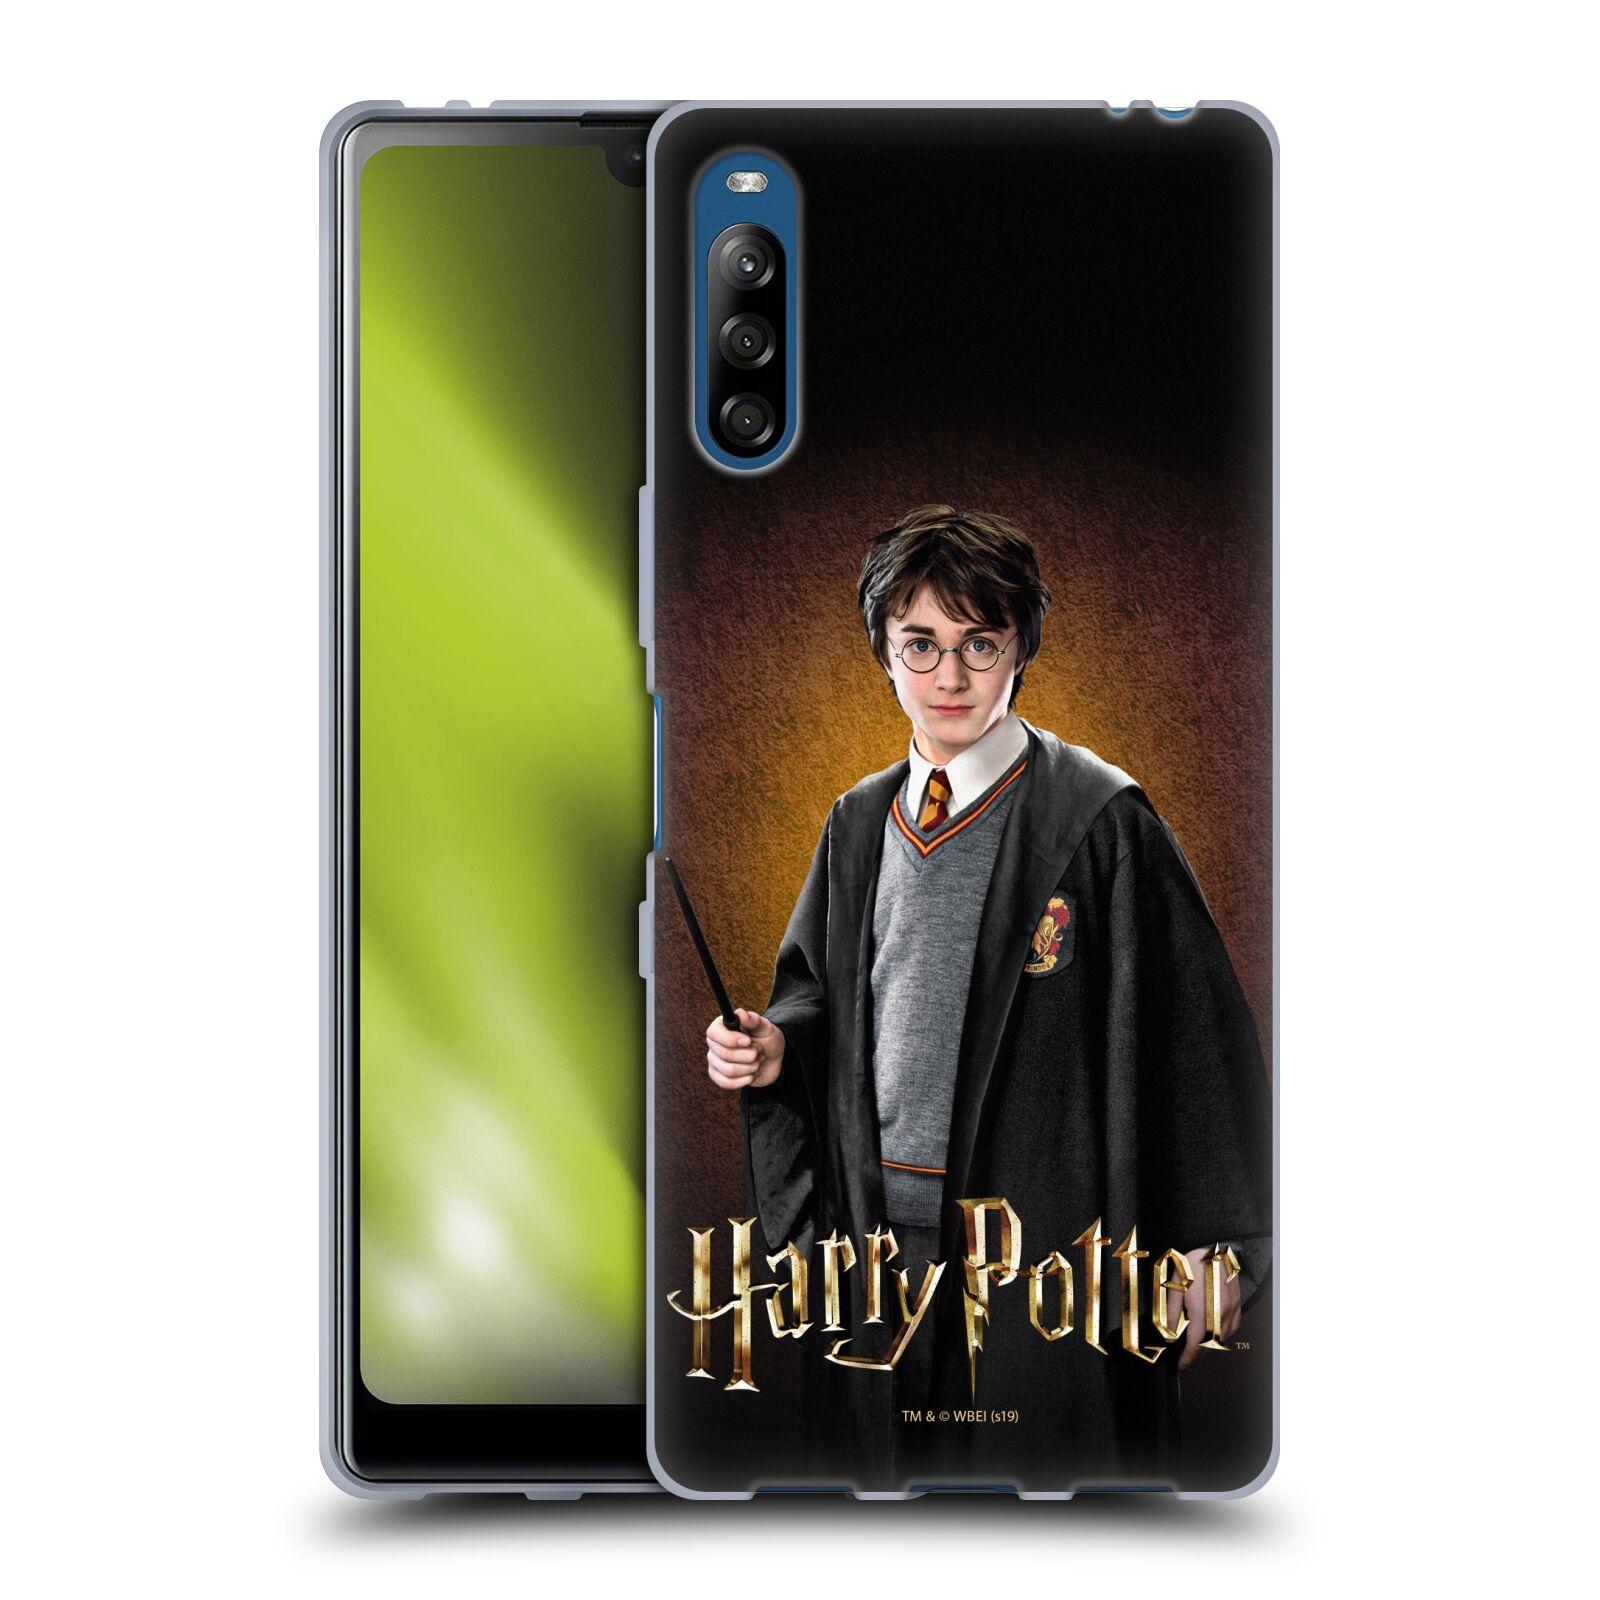 Silikonové pouzdro na mobil Sony Xperia L4 - Harry Potter - Malý Harry Potter